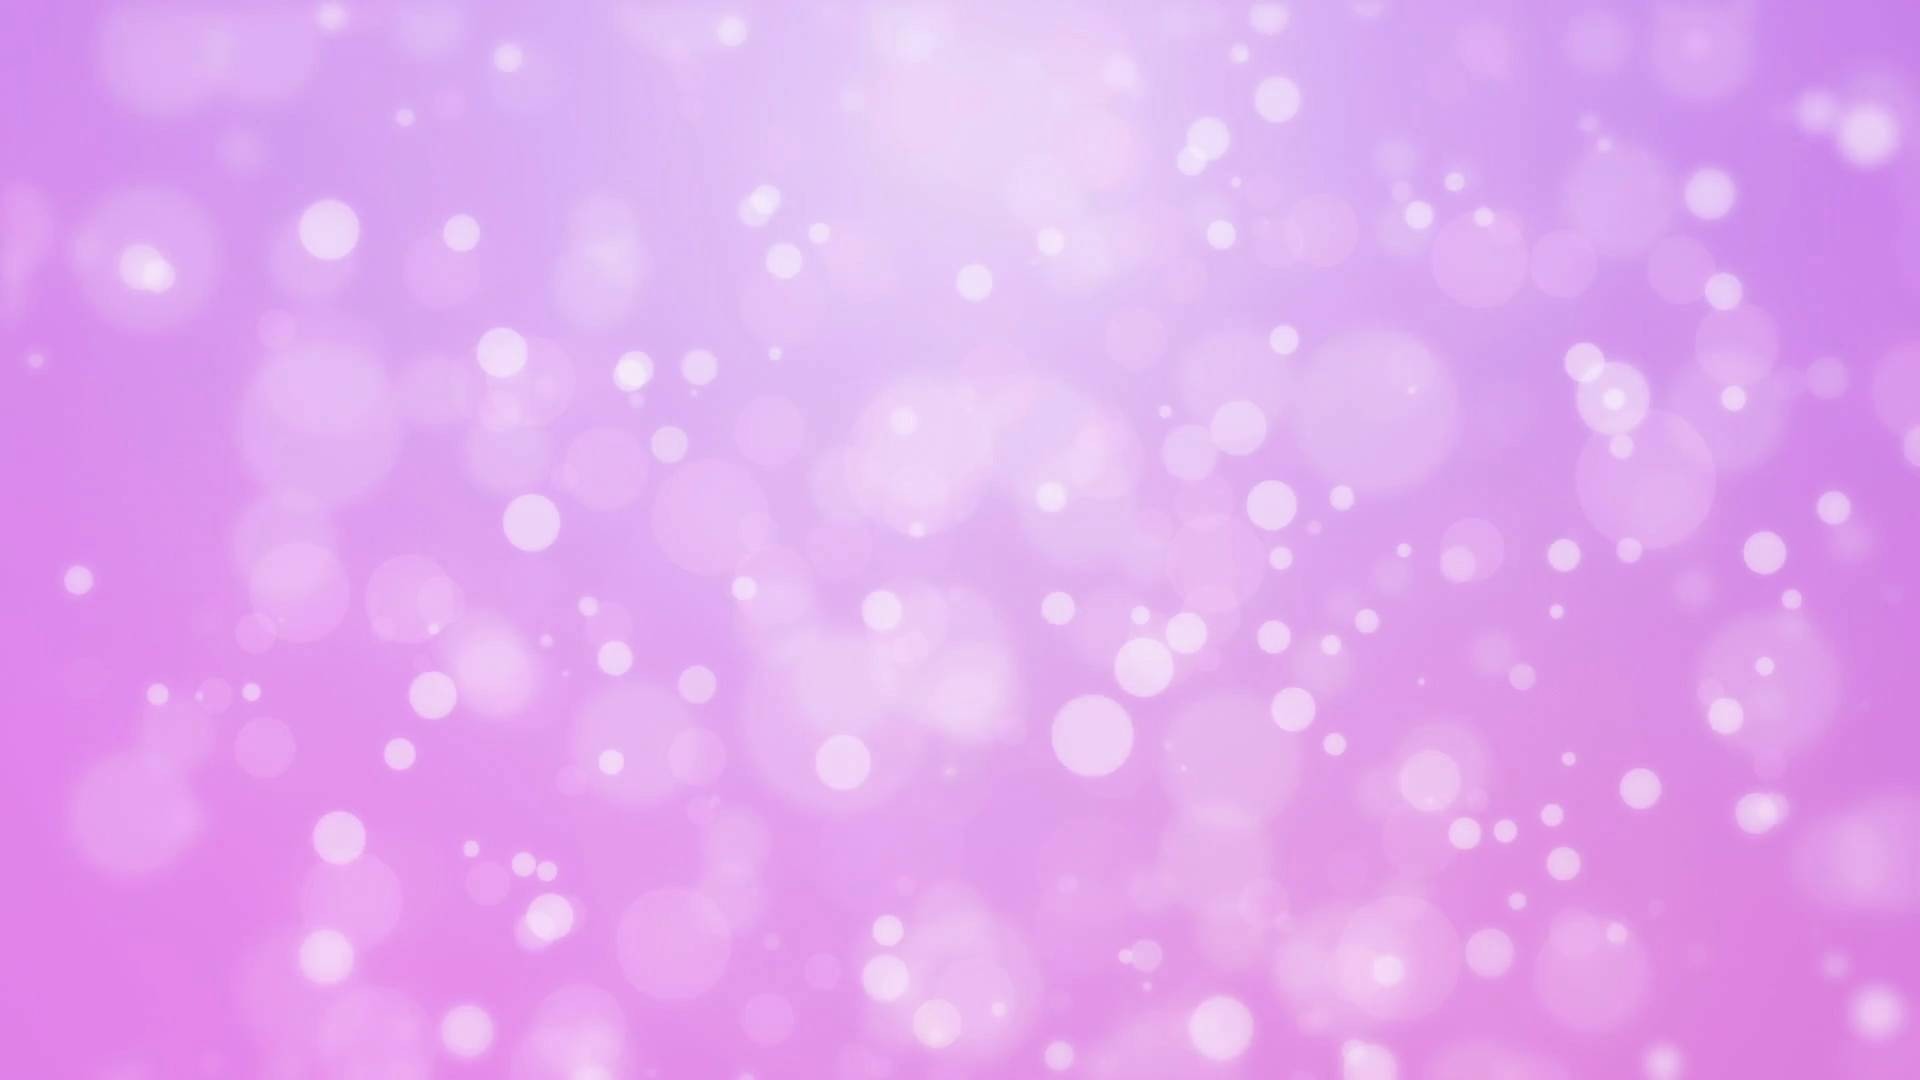 3d Colours Wallpaper Heart Light Purple Backgrounds 50 Images